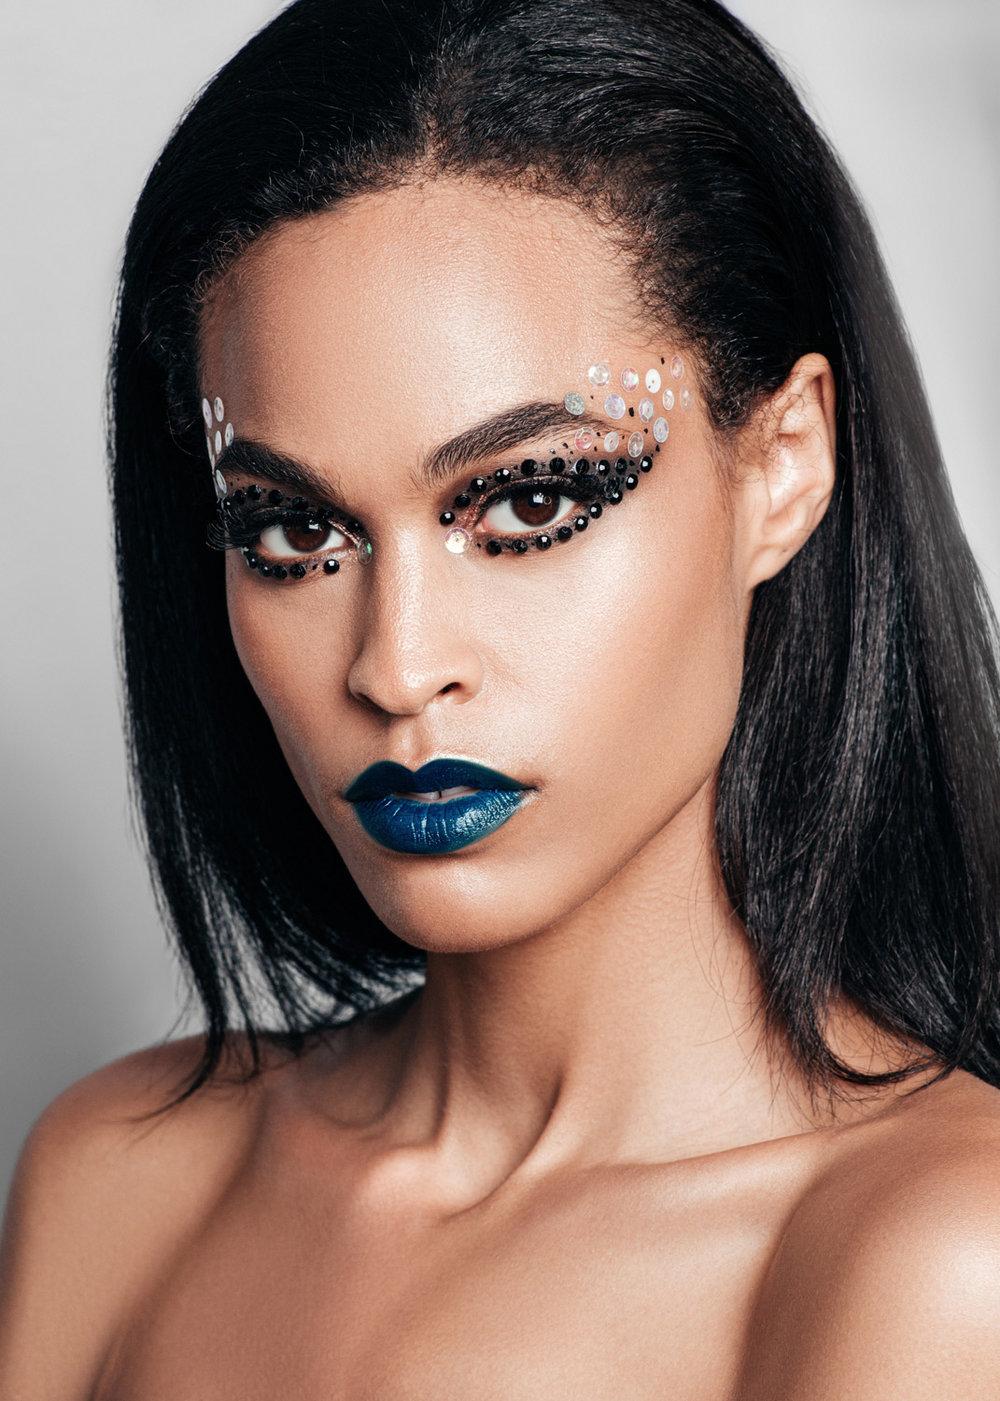 paulina-pecak-OMA-makeup-artist-educator_11_1.jpg